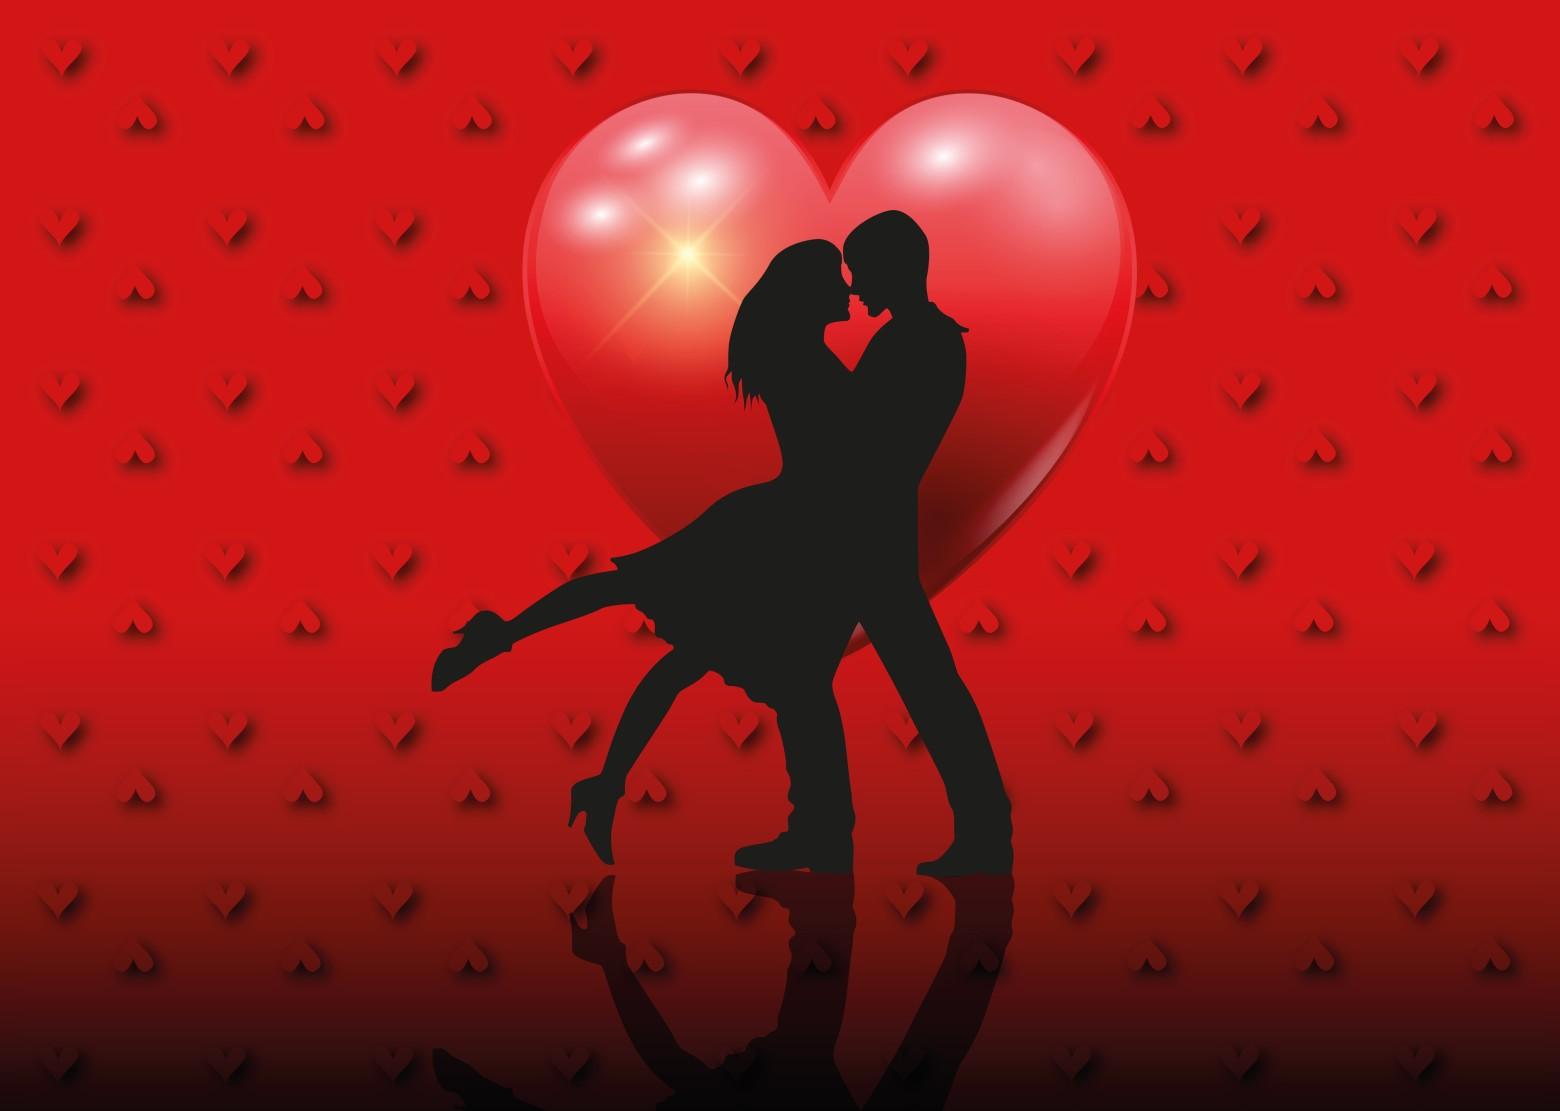 Carte saint valentin coeur amour amoureux images gratuites images gratuites et libres de droits - Images coeur gratuites ...